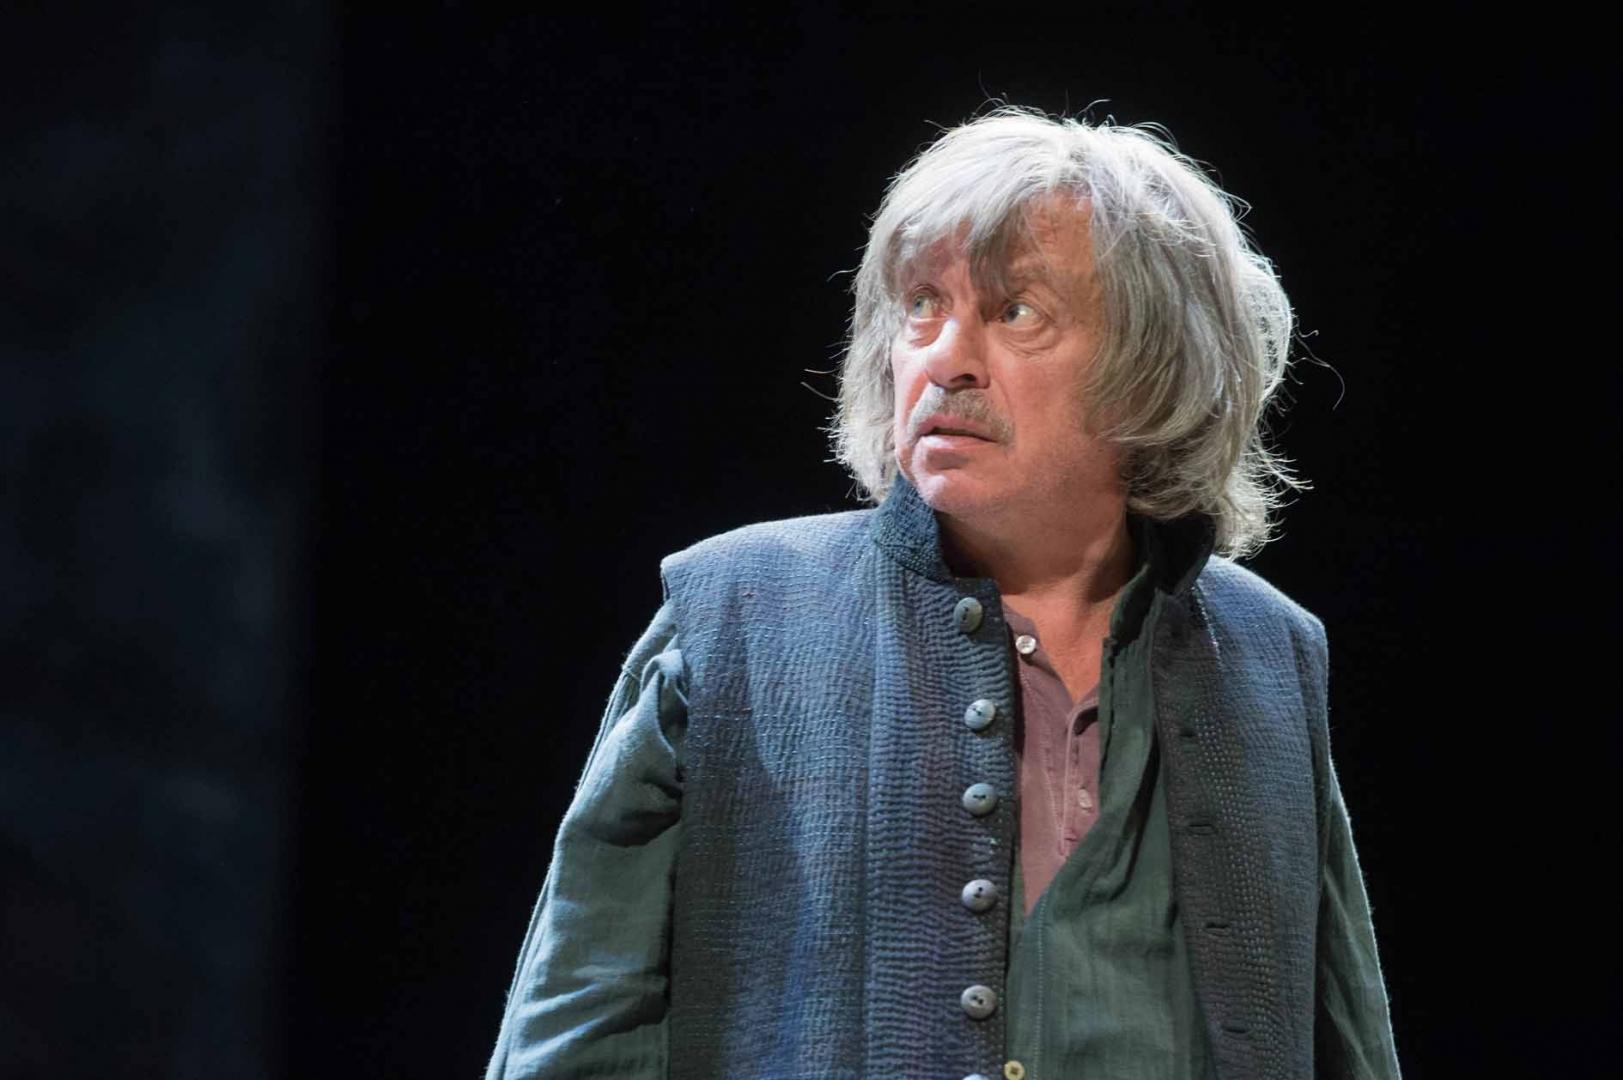 Biglietti per lo spettacolo di Paolo Rossi al teatro Nuovo di Verona